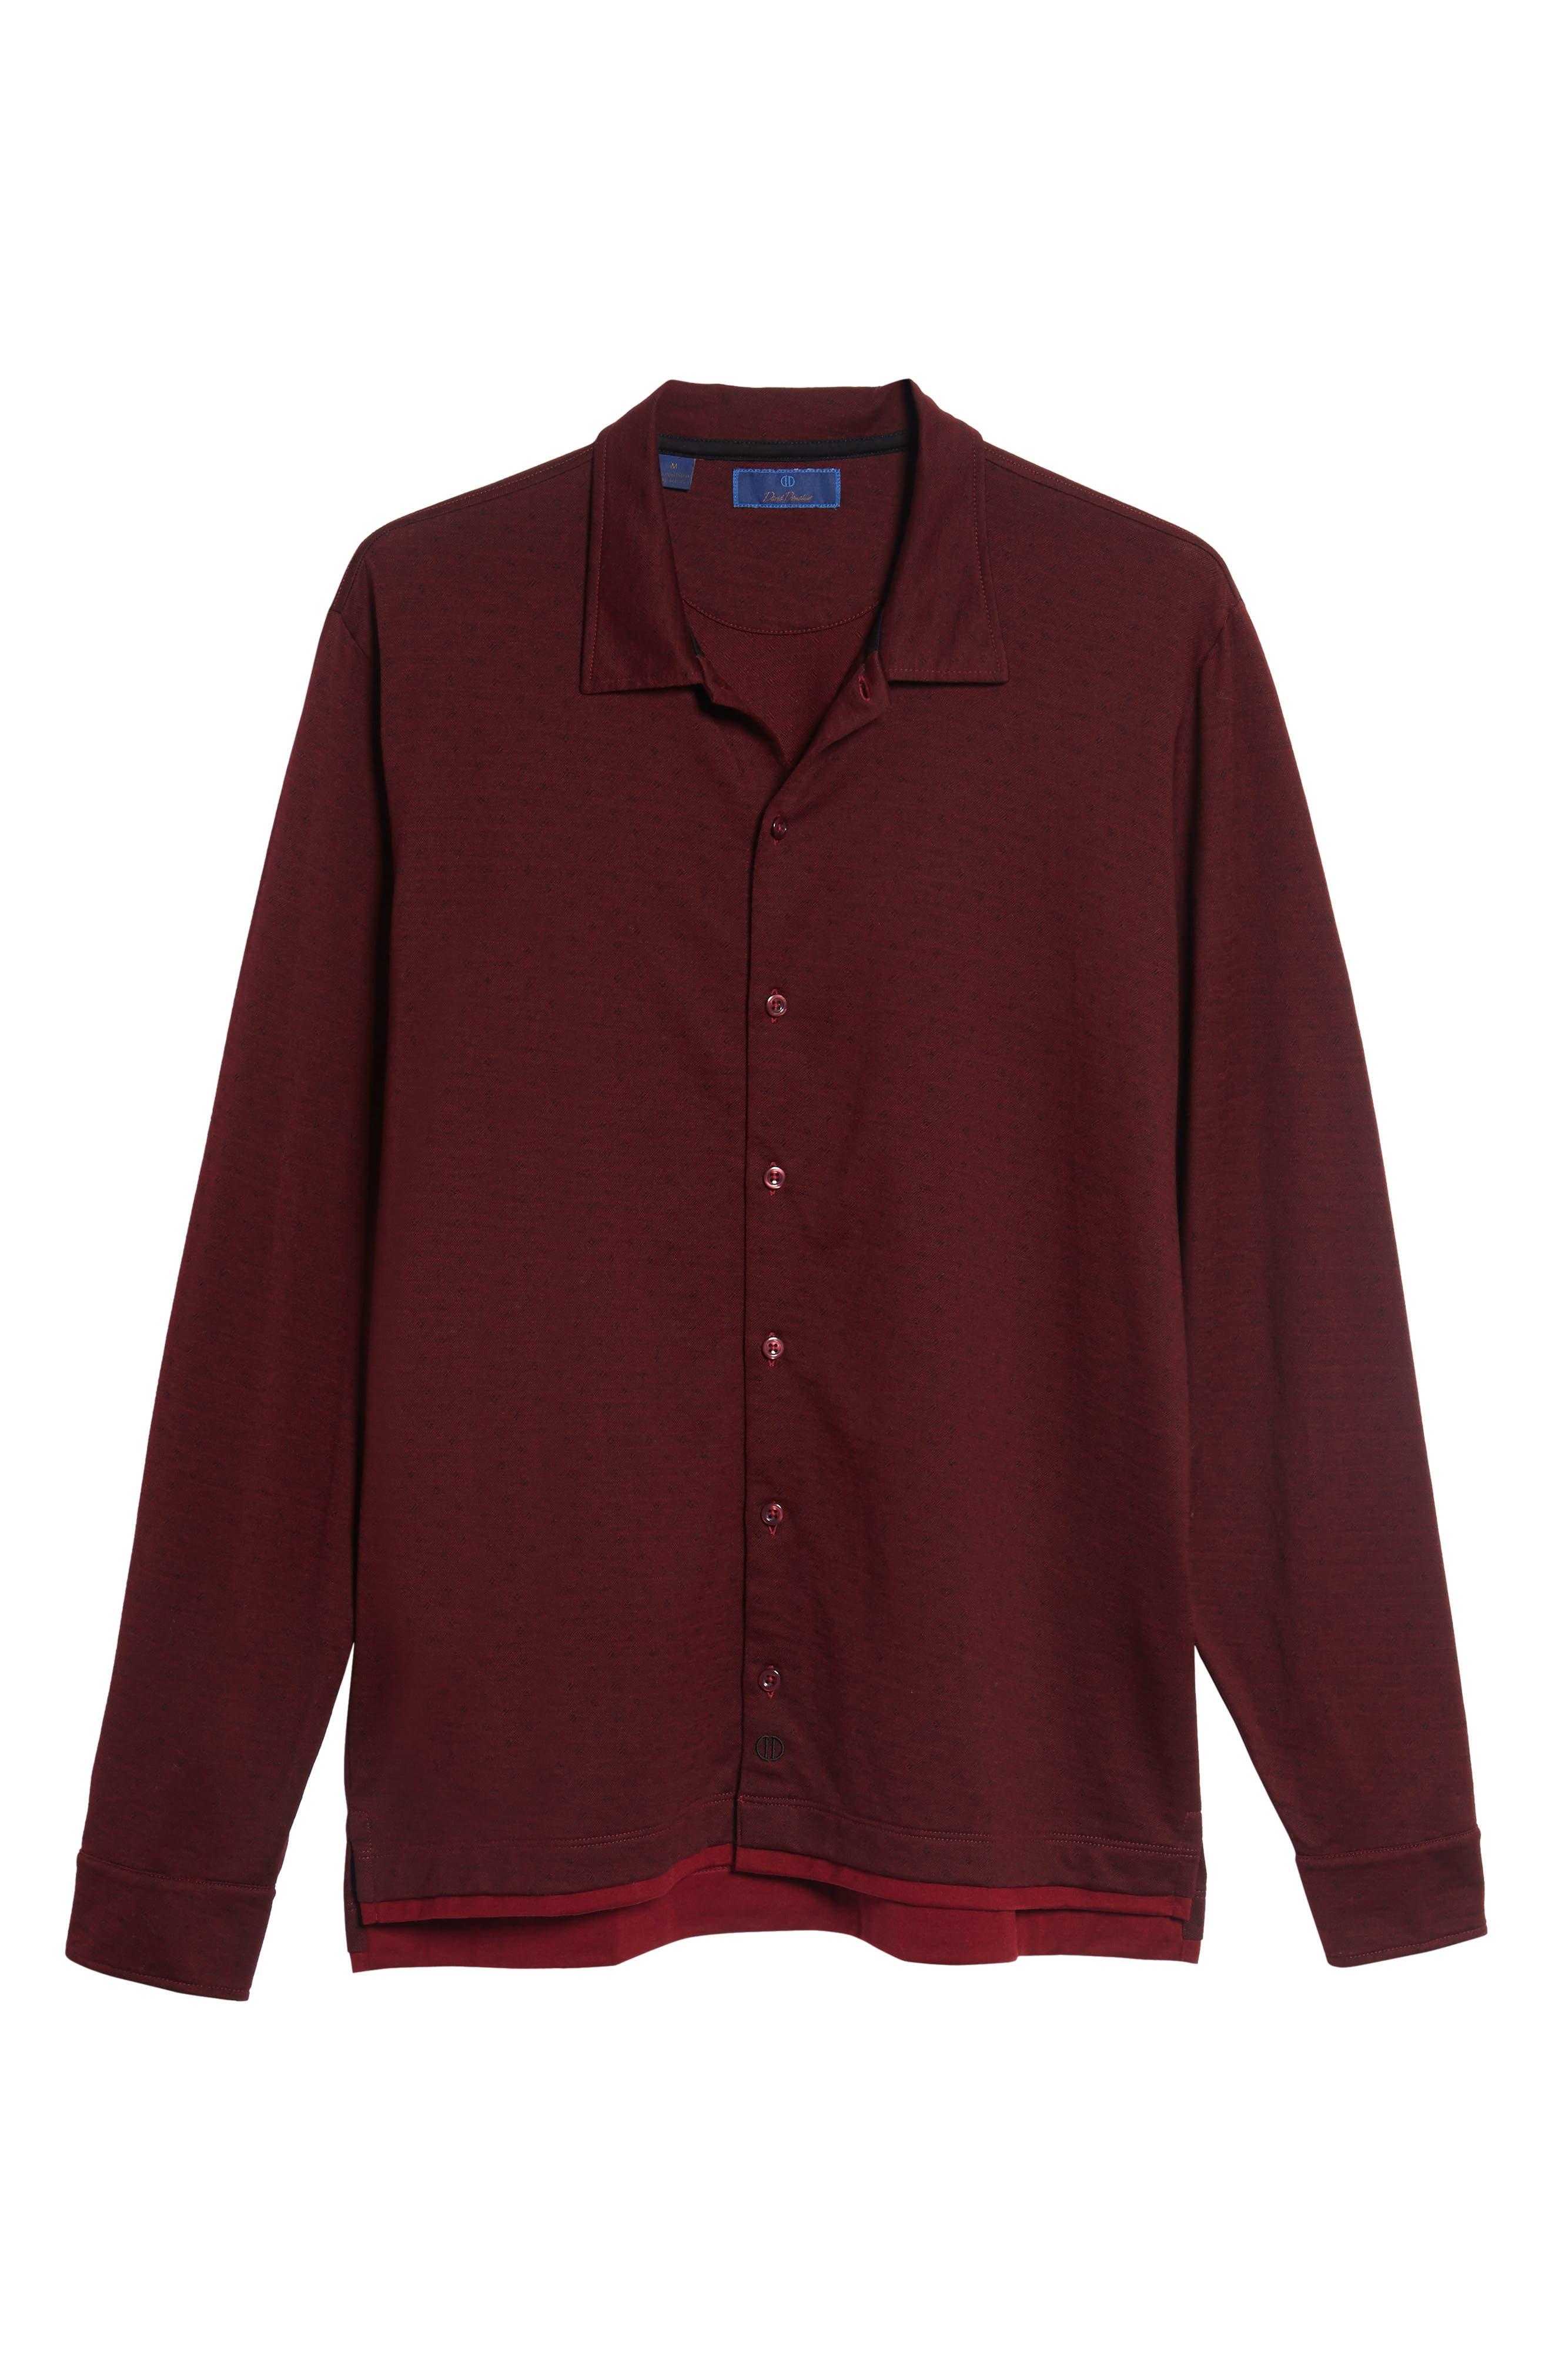 Jacquard Knit Sport Shirt,                             Alternate thumbnail 24, color,